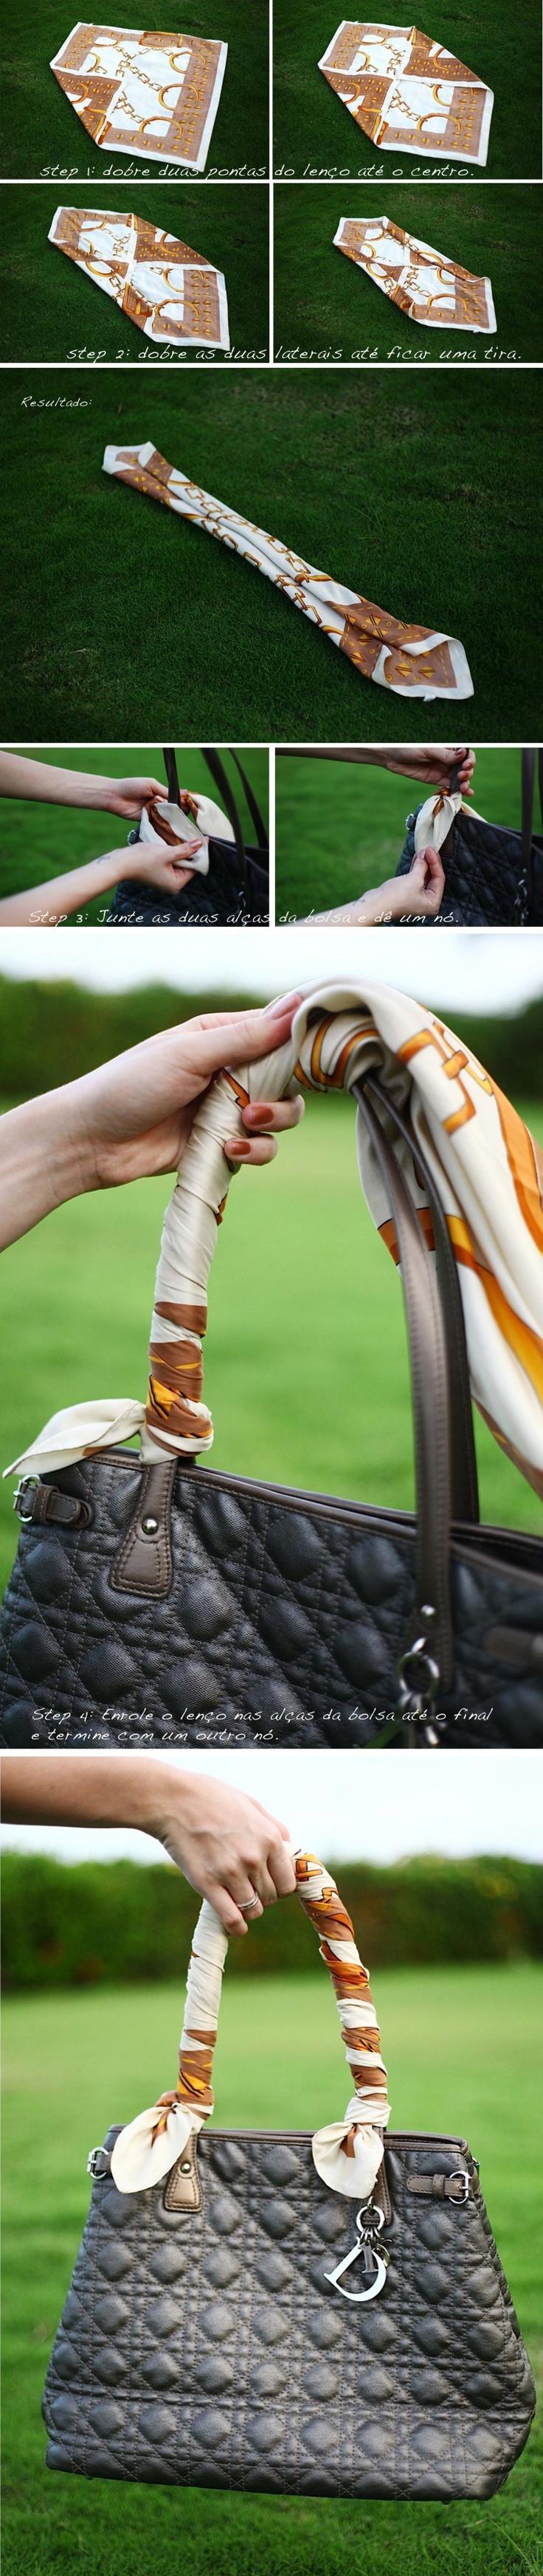 arramando lenço na alça da bolsa.